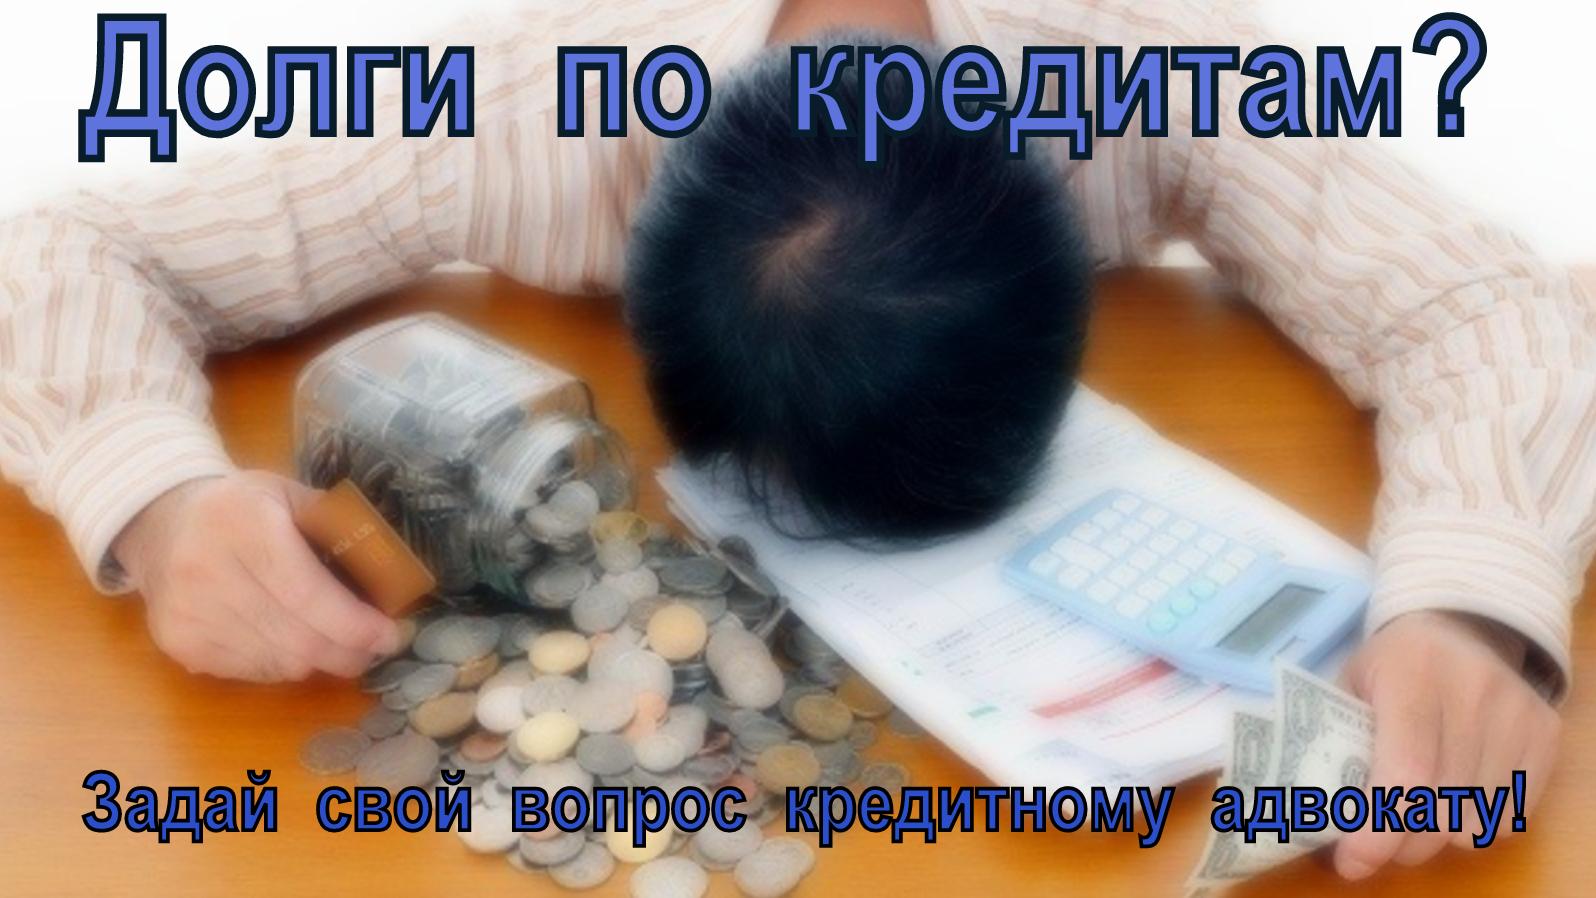 деньги в долг займ отзывы клиентов